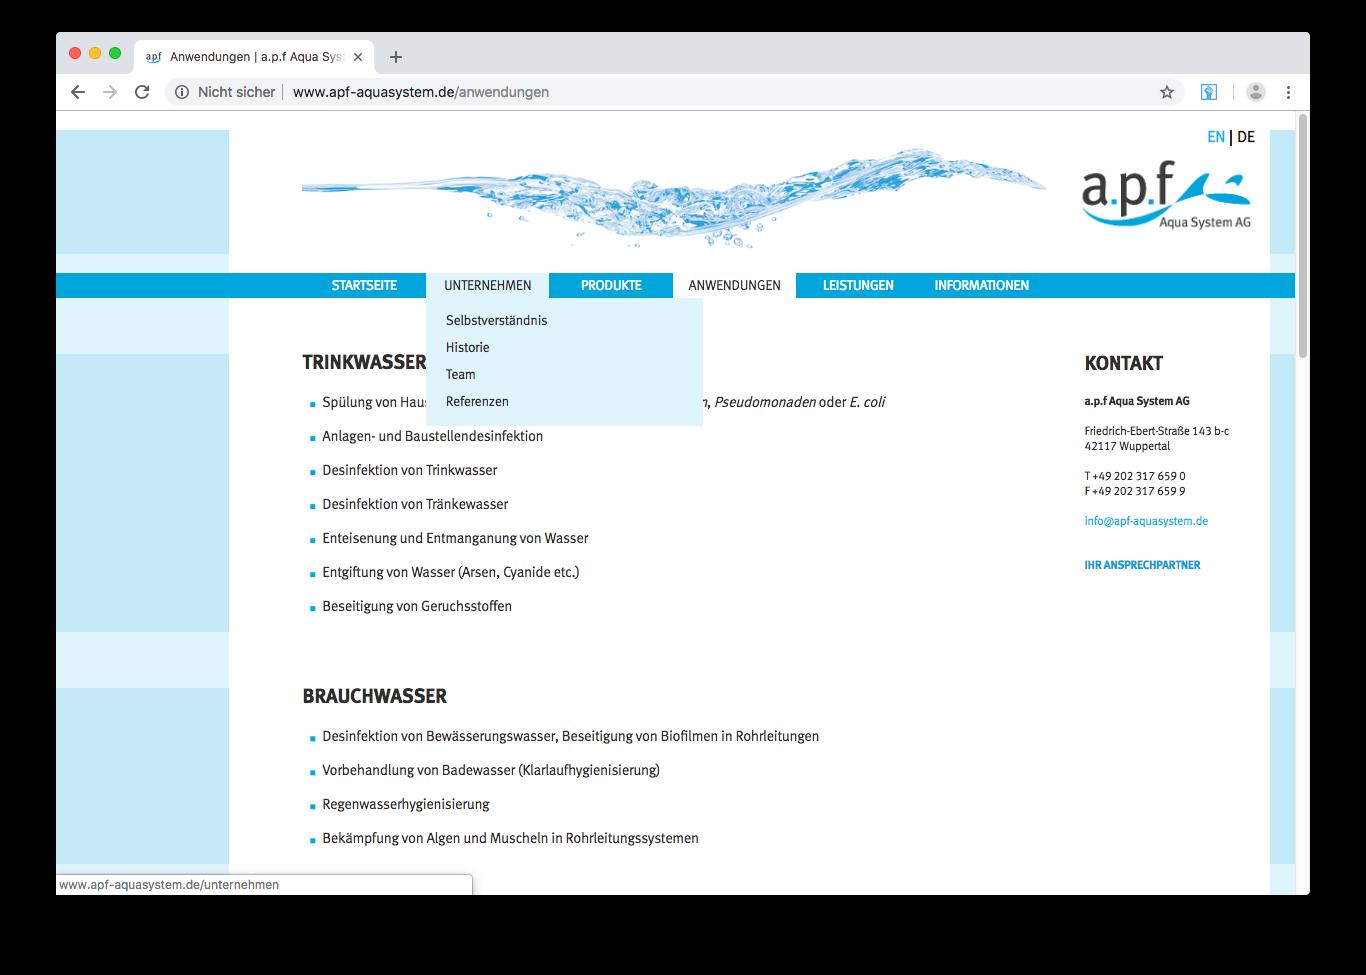 a.p.f. Aquasystem AG